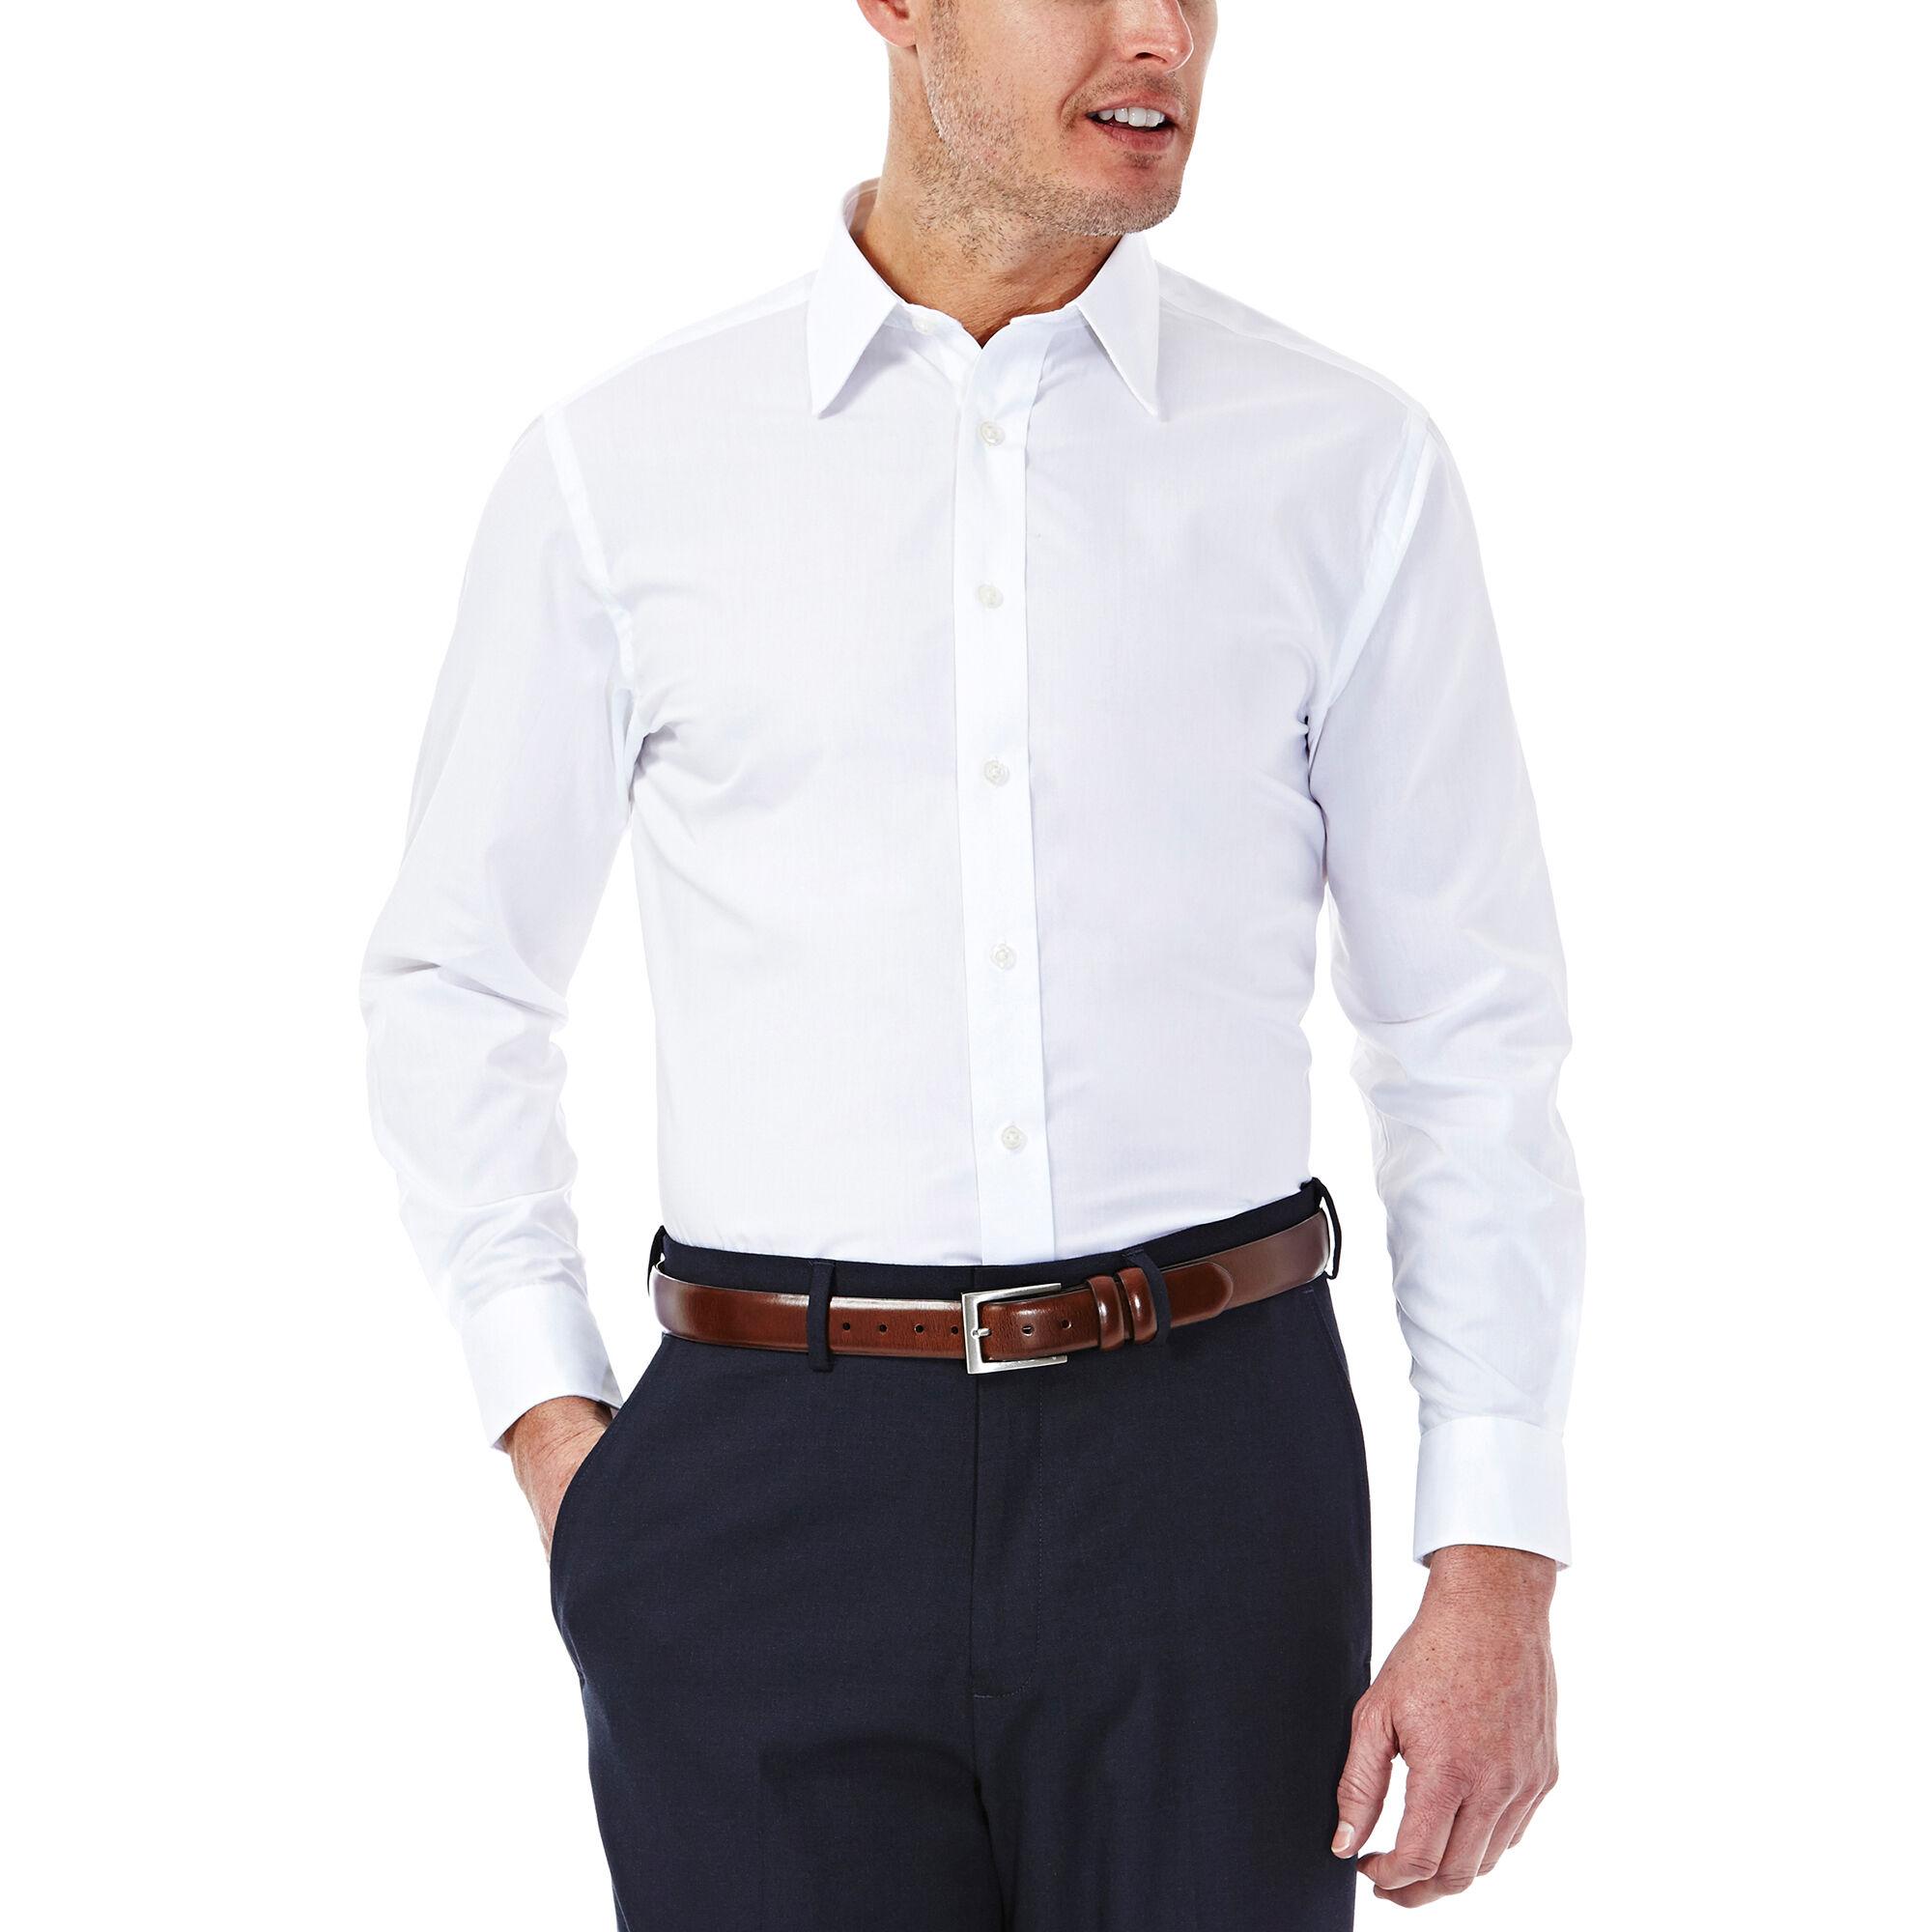 Solid poplin dress shirt for Dress shirt collar fit